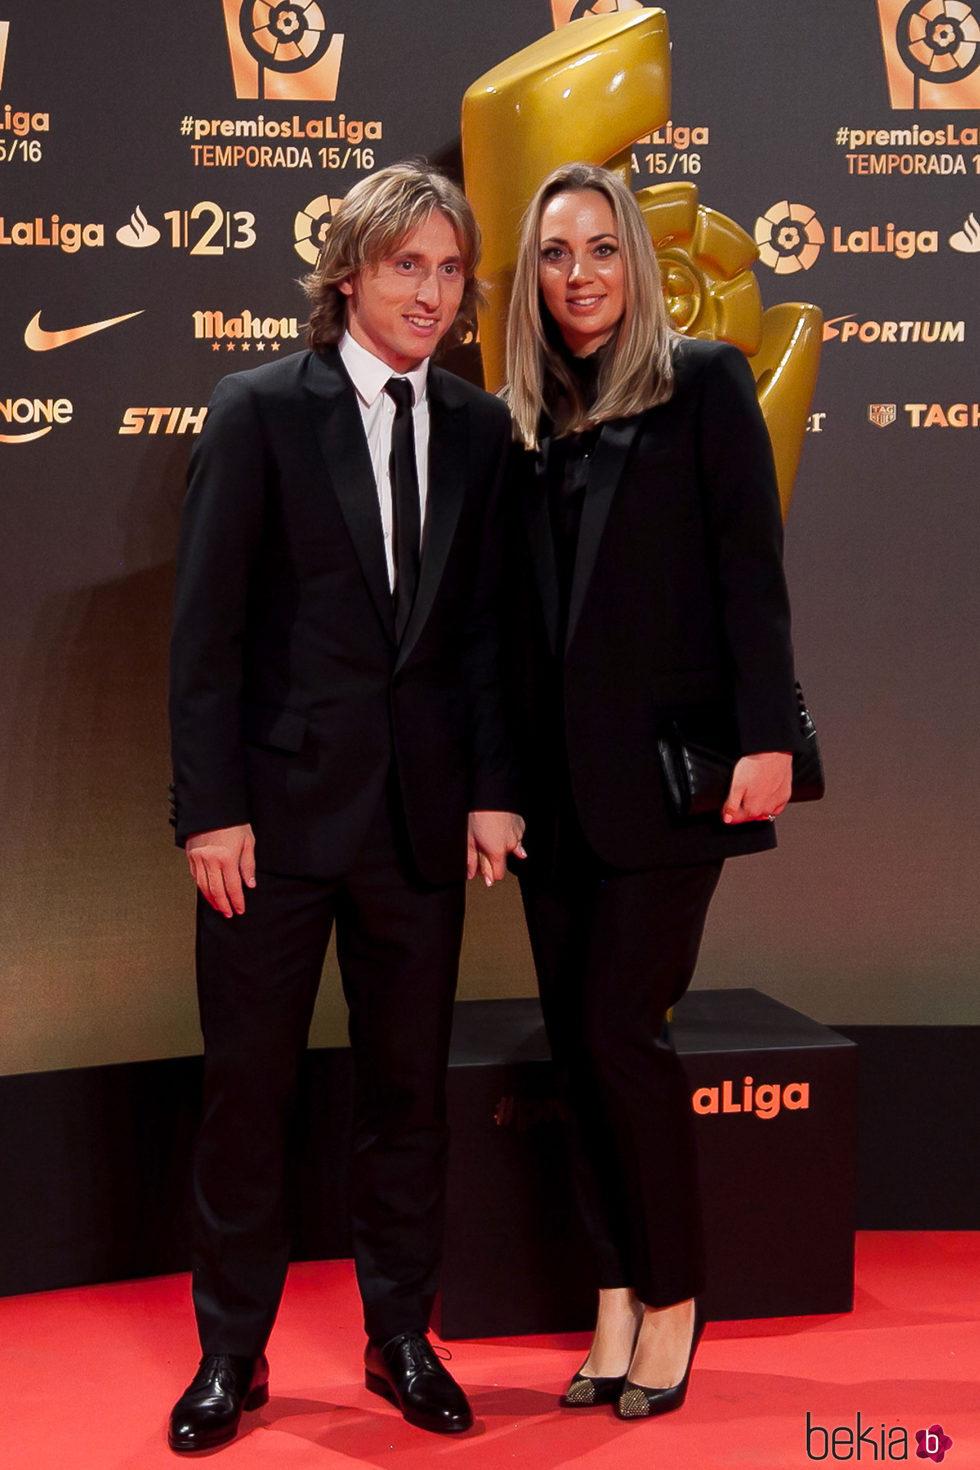 Luka Modric y Vanja Bosnic en los Premios La Liga 2016 en Valencia